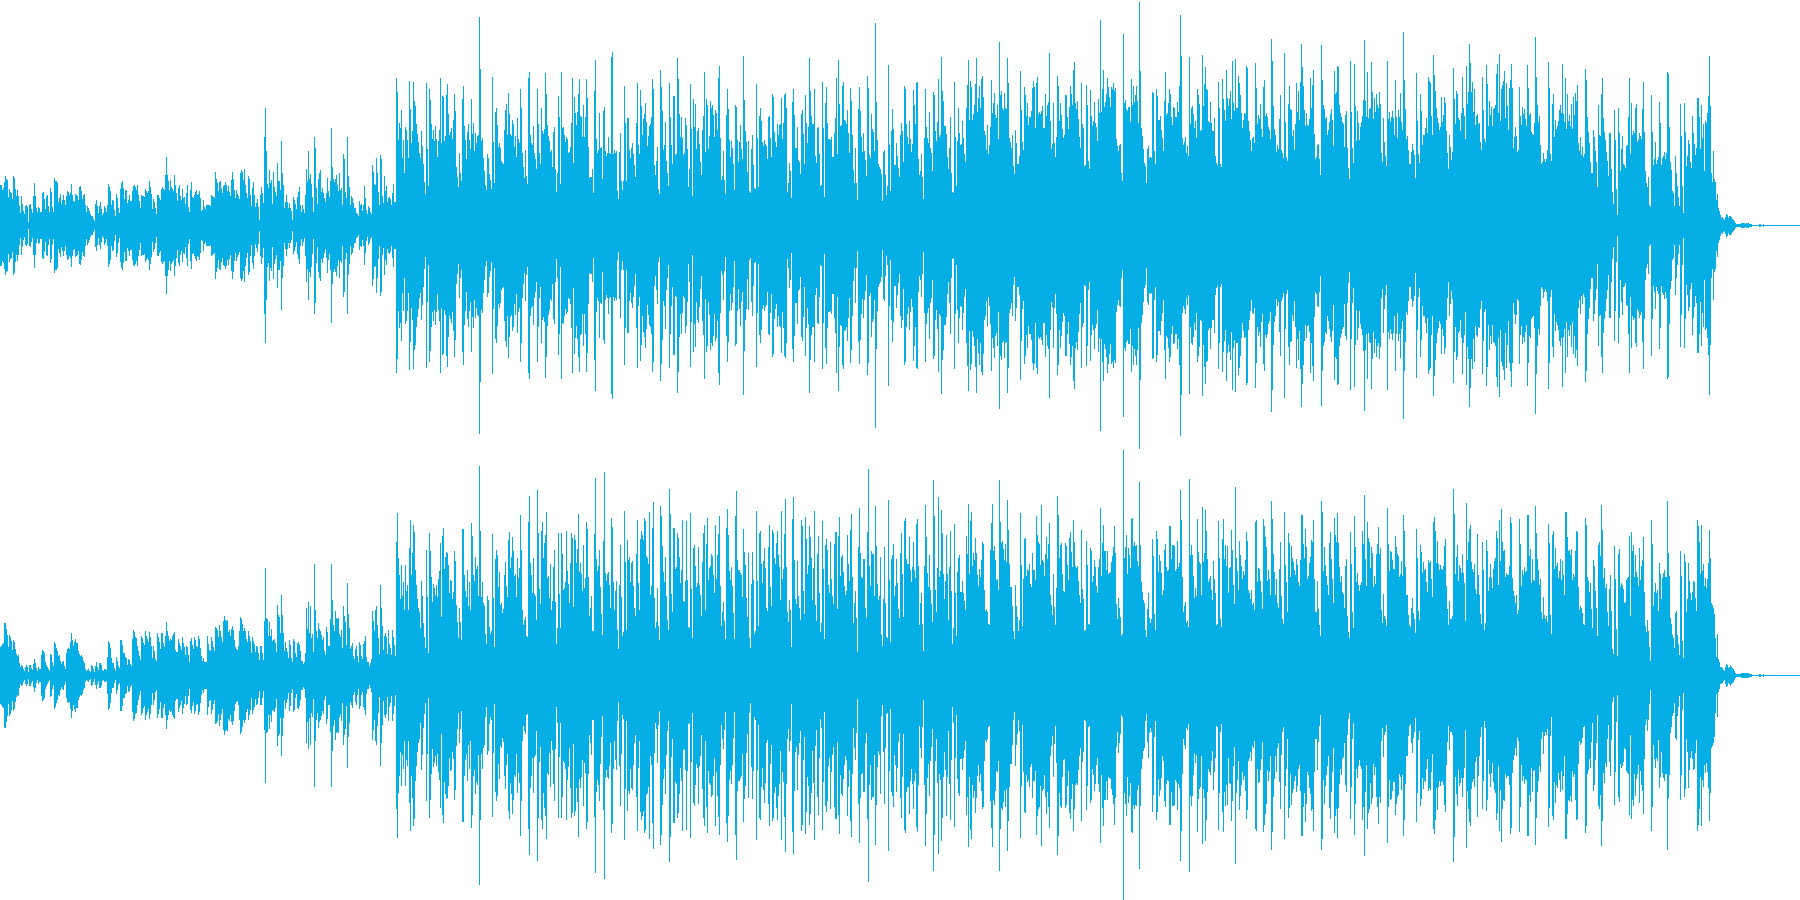 緊張感があるエレクトロソングの再生済みの波形